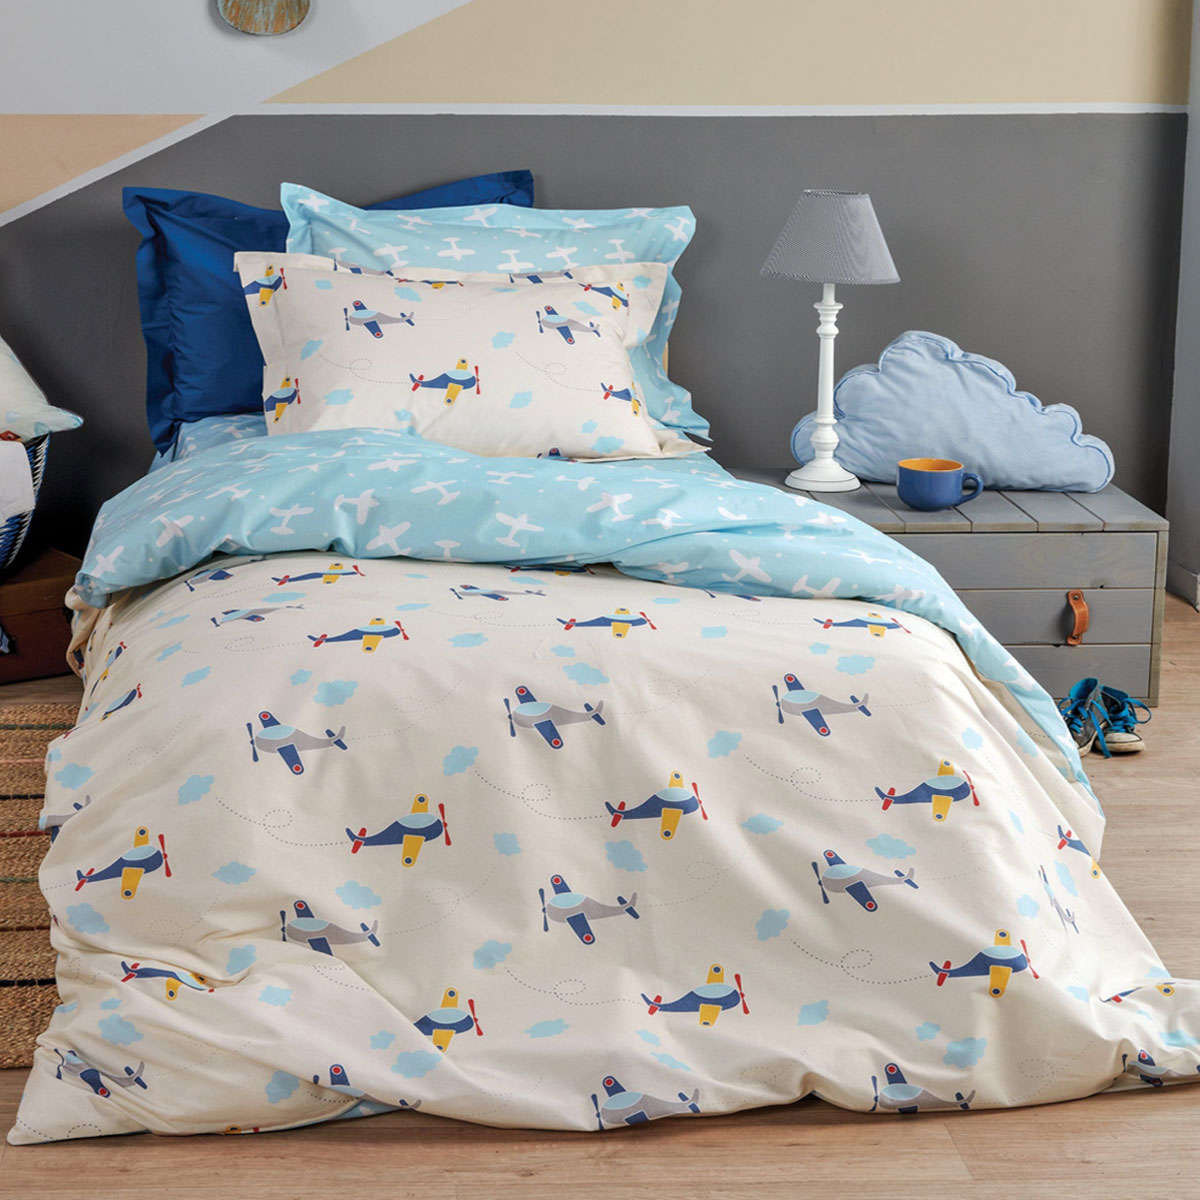 Παιδική Μαξιλαροθήκη Wings A Blue Kentia 50Χ70 50x70cm